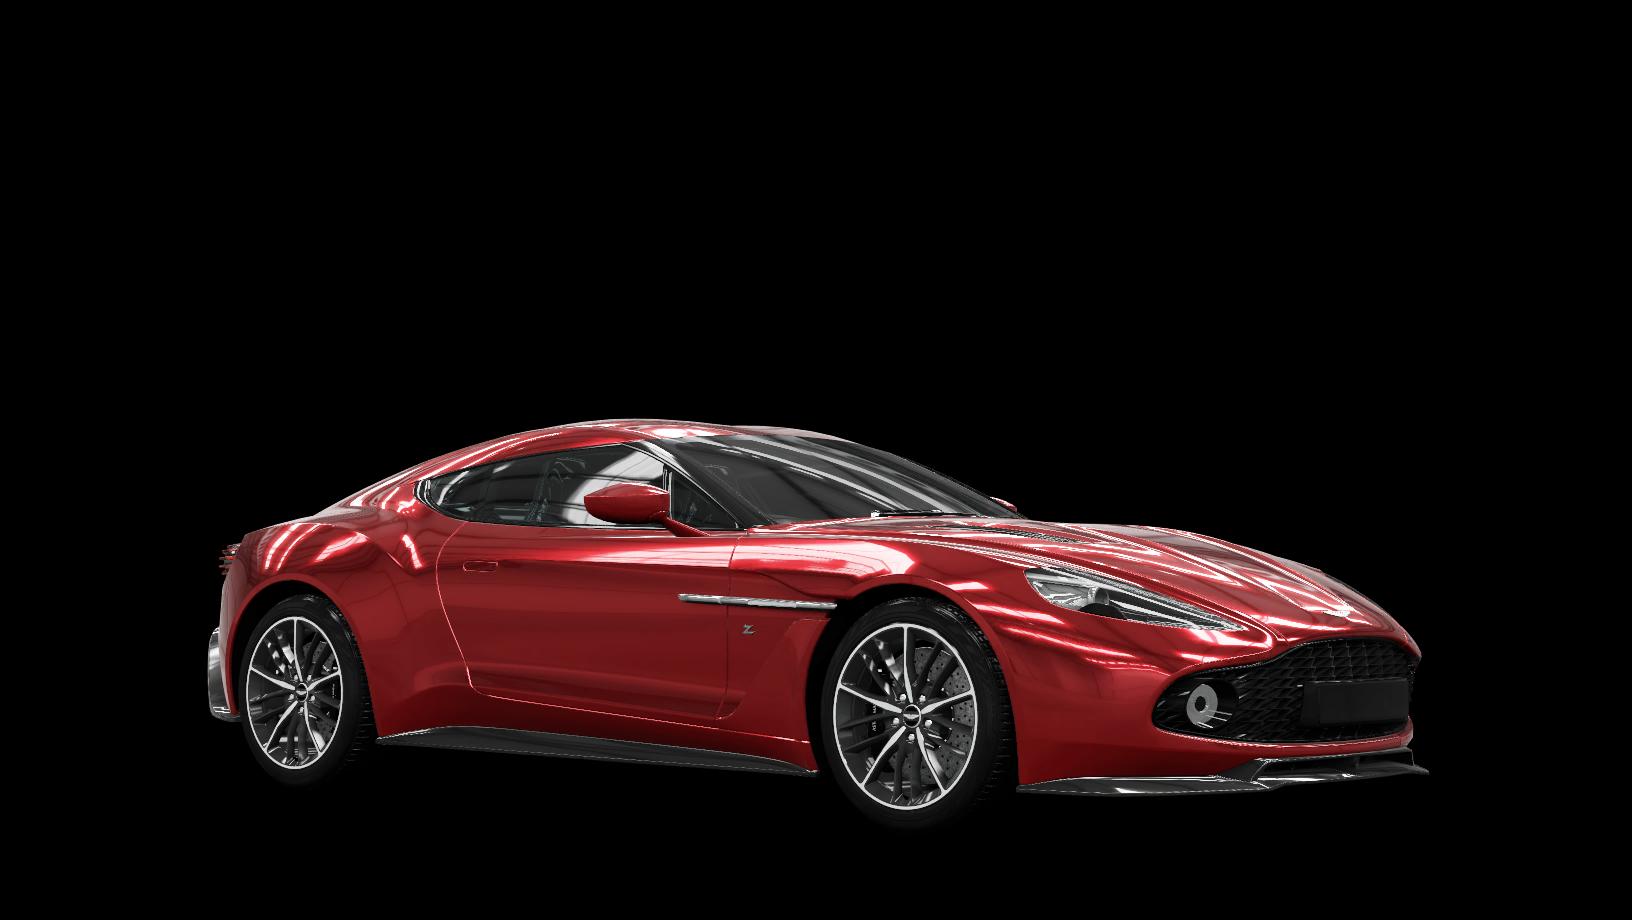 Aston Martin Vanquish Zagato Coupe Forza Wiki Fandom